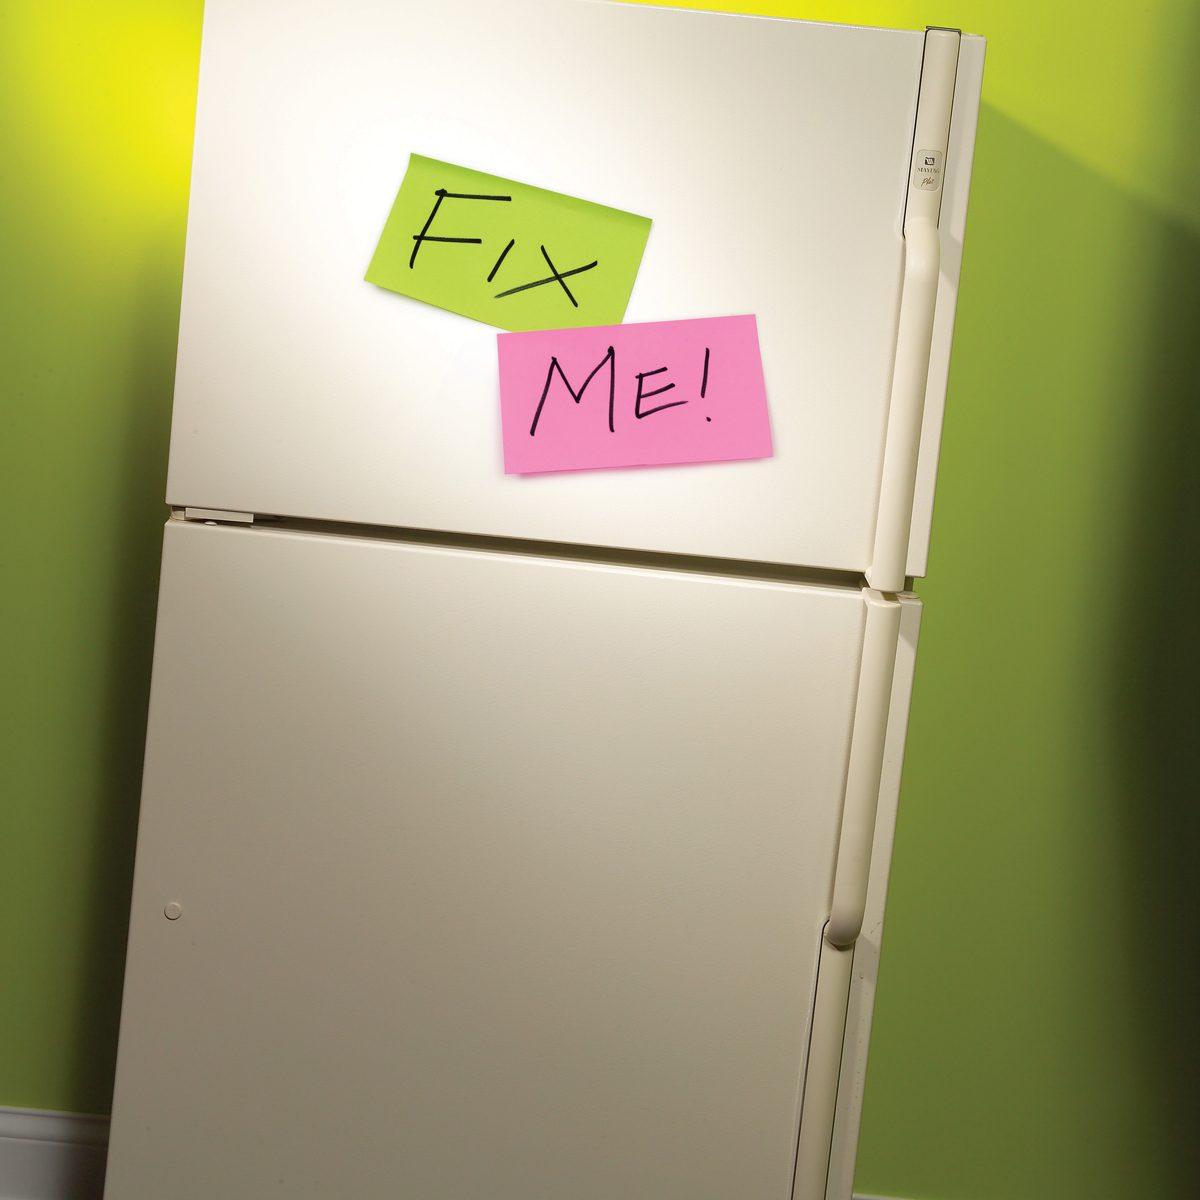 Broken-Refrigerator